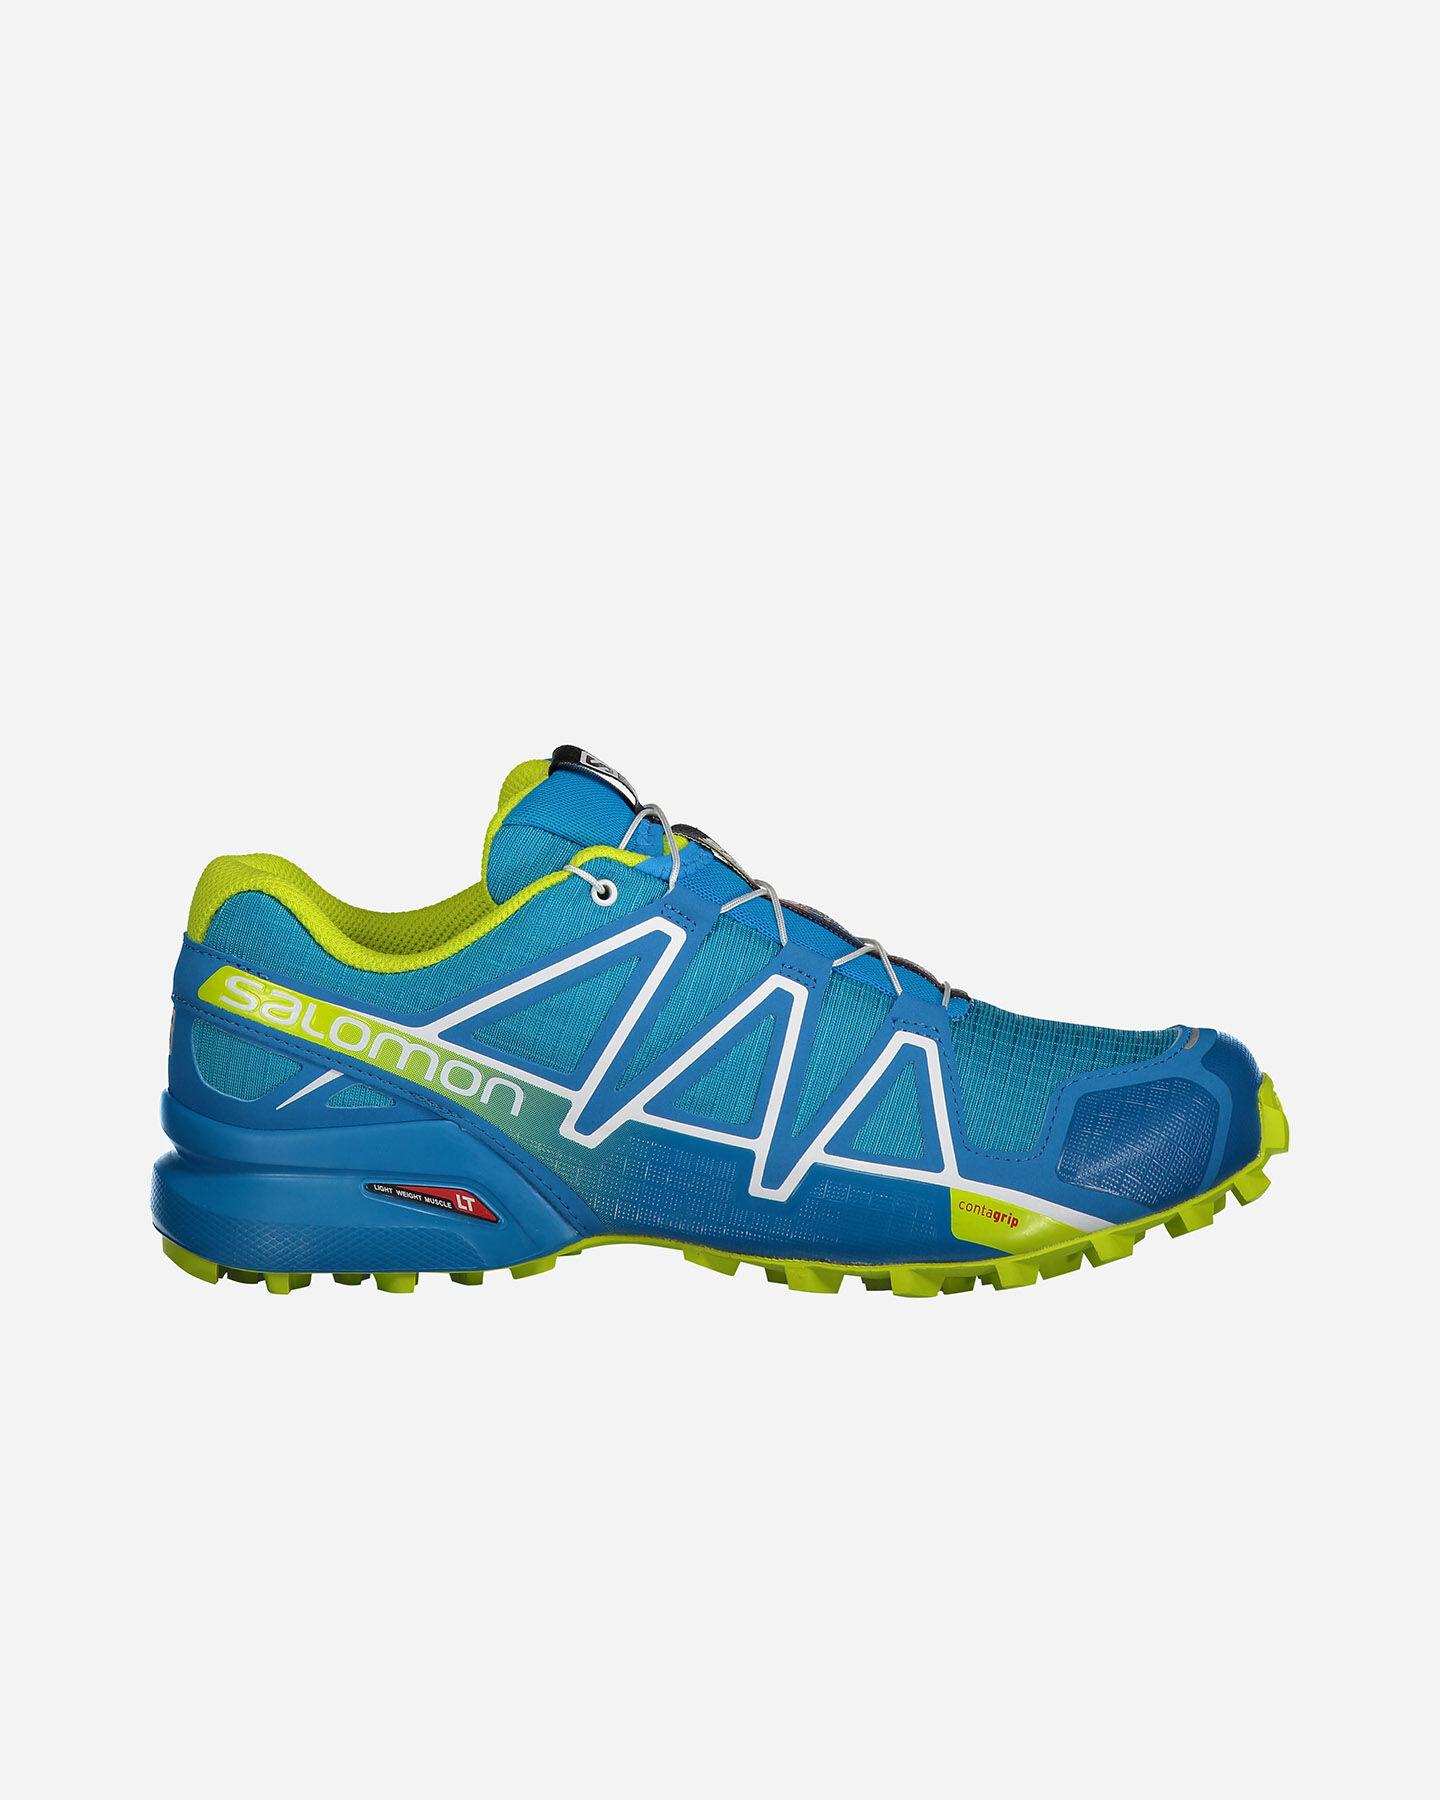 Salomon  scarpe esecuzione, In esecuzione, scarpe trekking e scarponi Cisalfa Sport e1bf4b